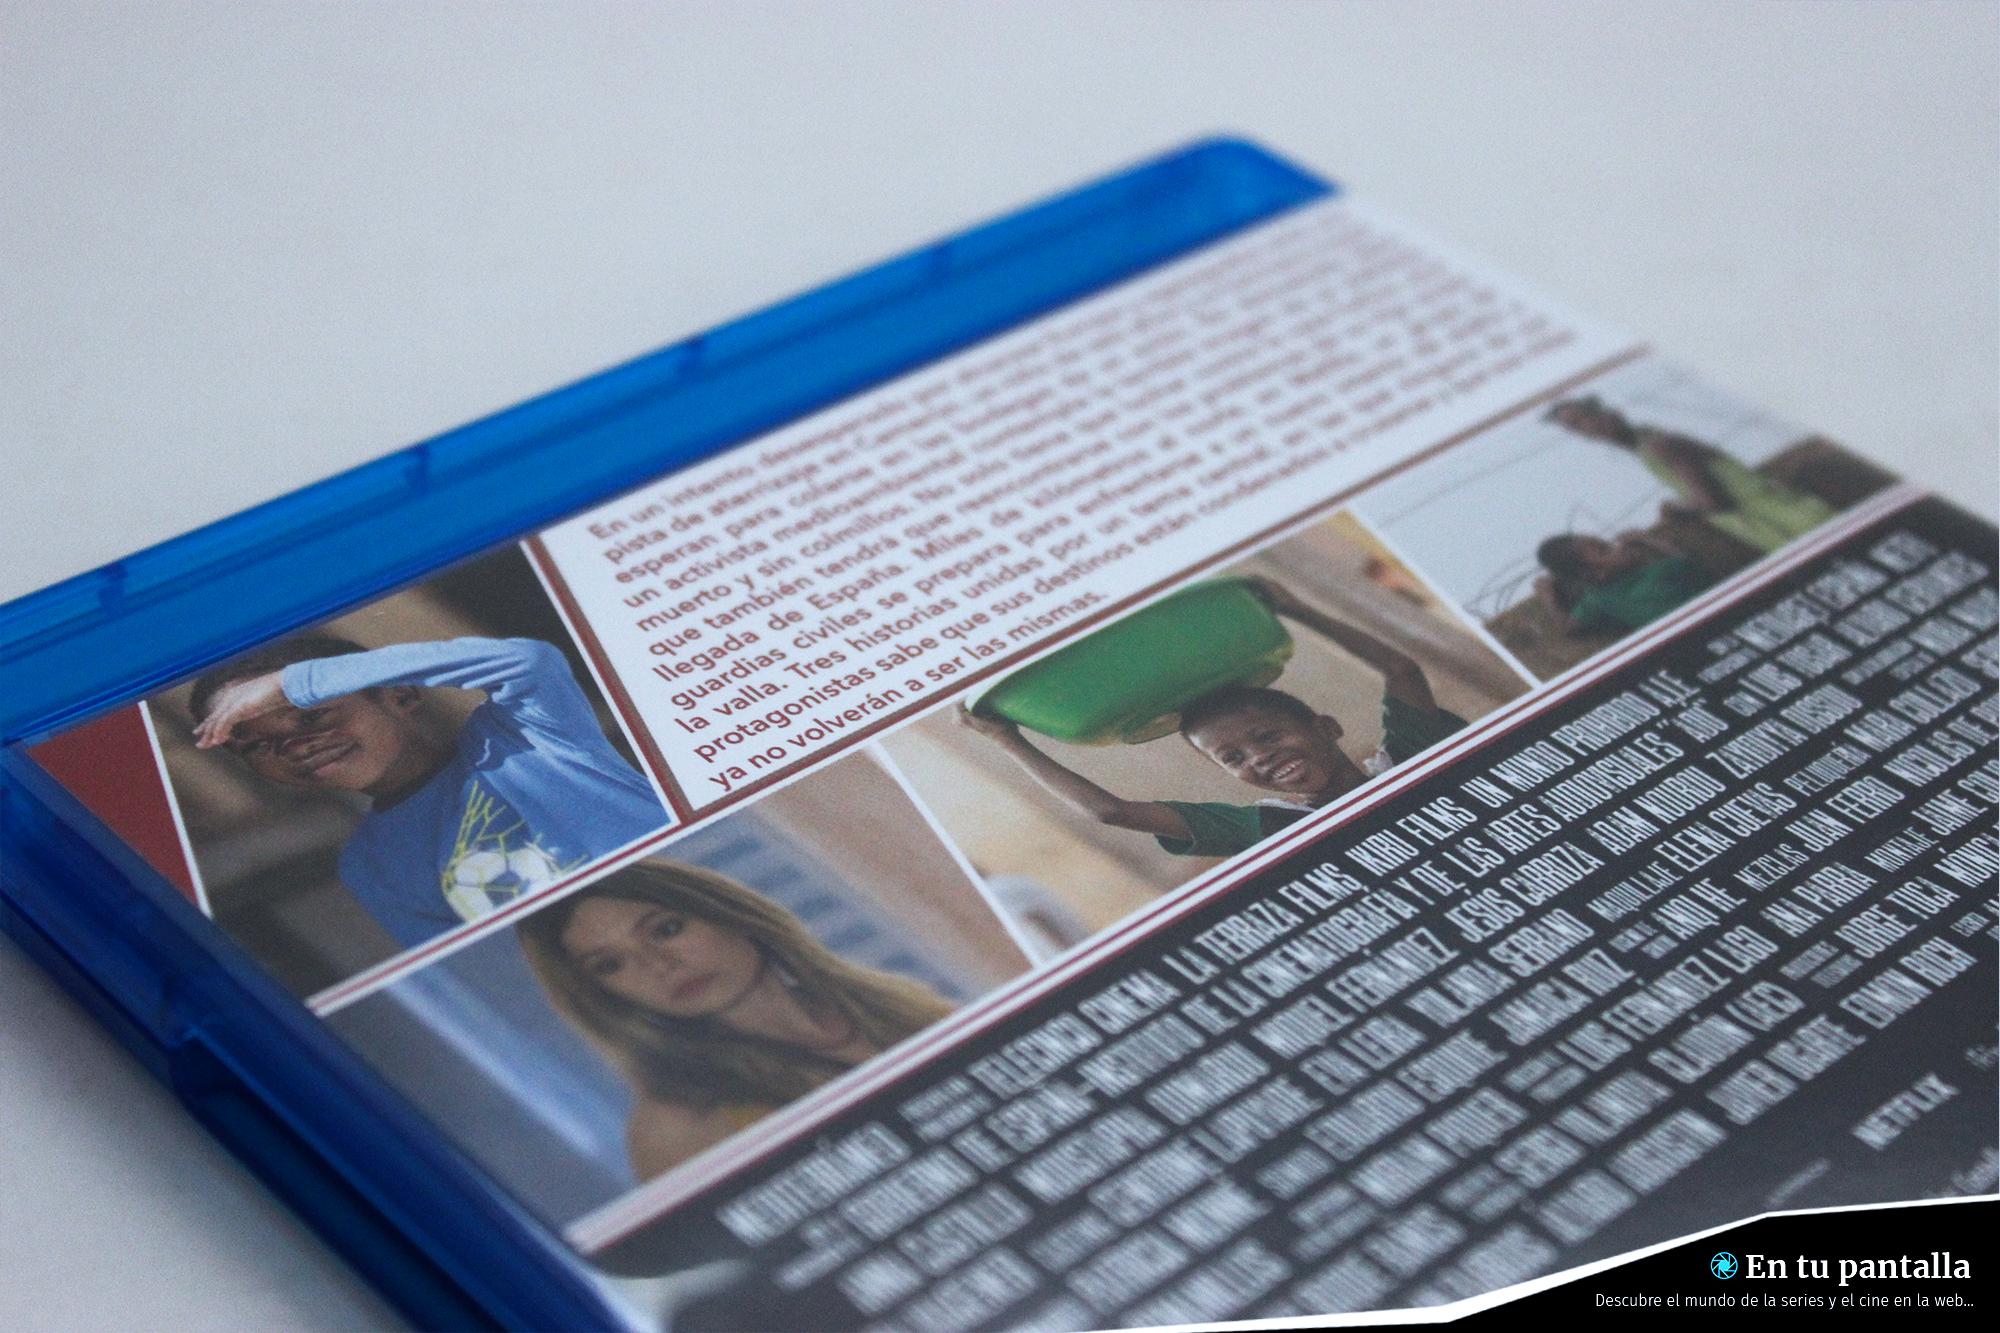 Análisis Blu-ray: 'Adú', la película protagonizada por Luis Tosar y Anna Castillo • En tu pantalla